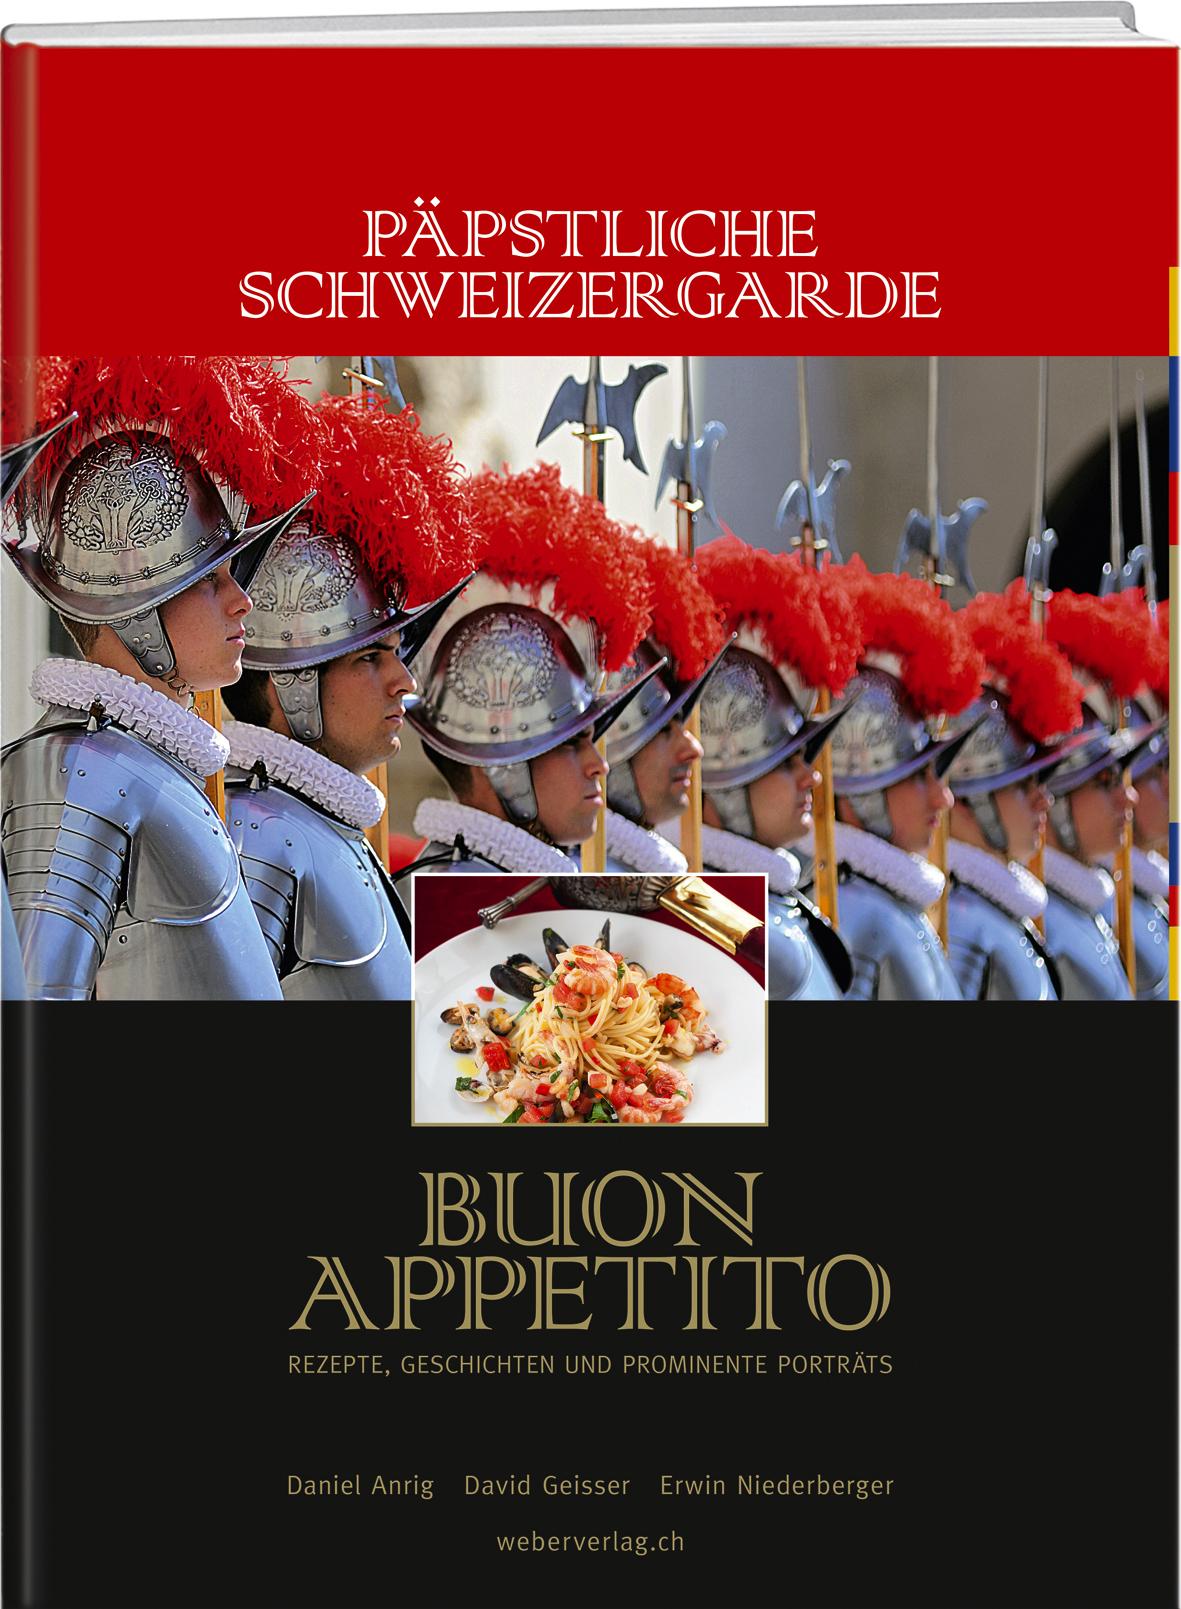 Paepstliche-Schweizergarde-Buon-appetito-David-Geisser